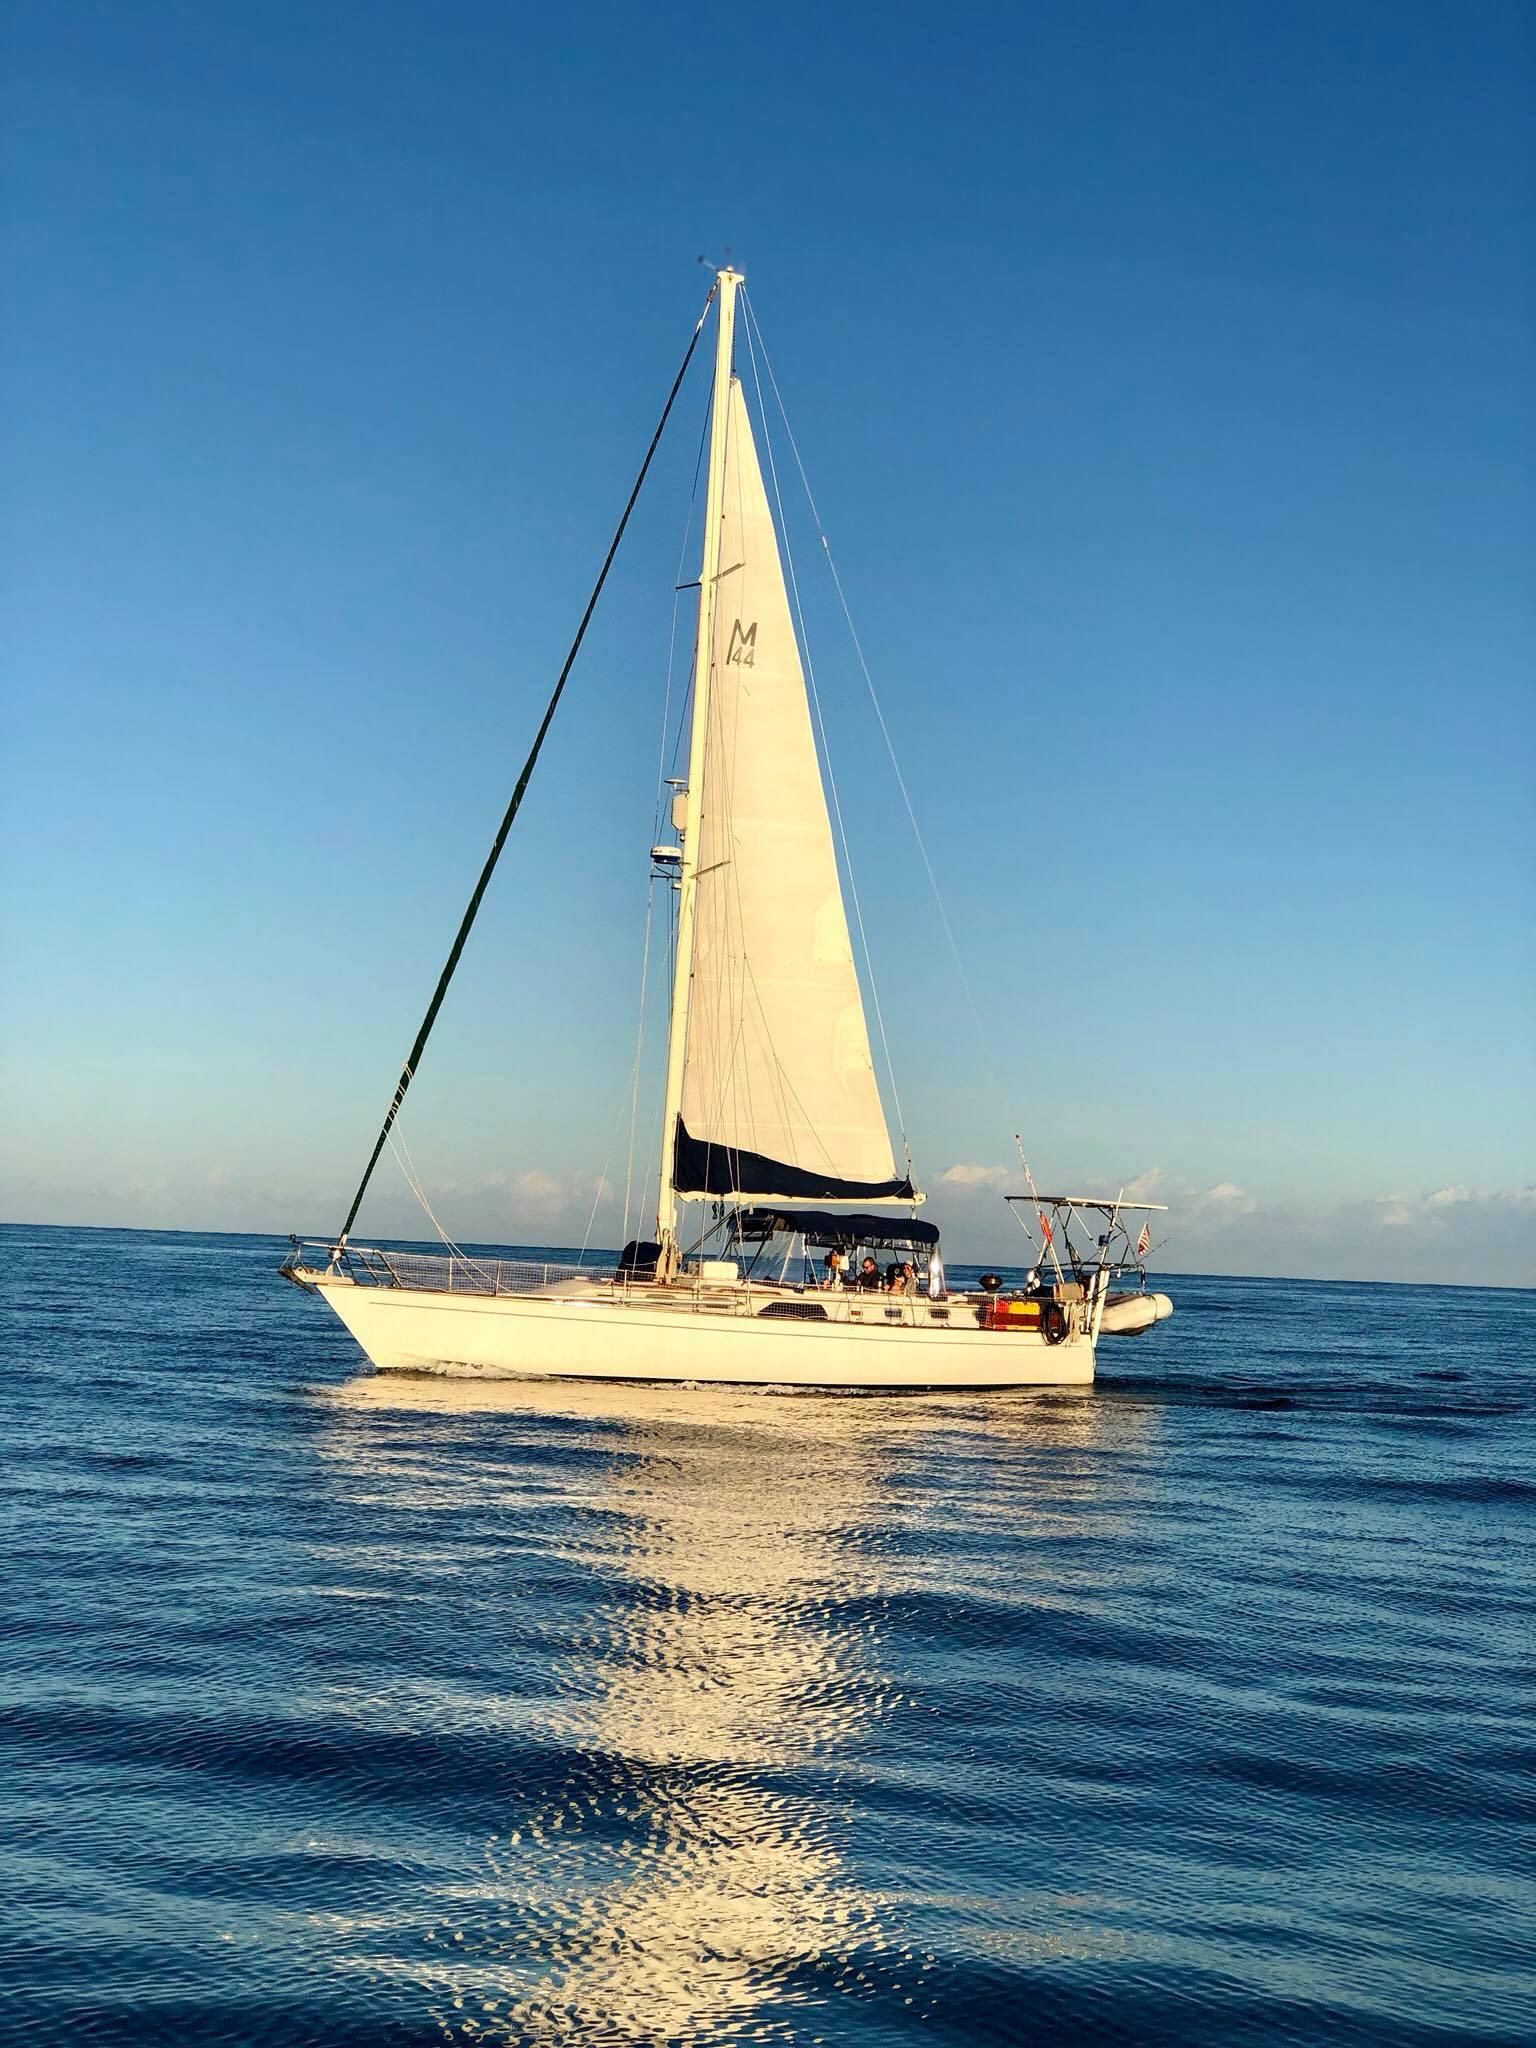 Sailing Life Day 320 Incredible Day Sailing4.jpg